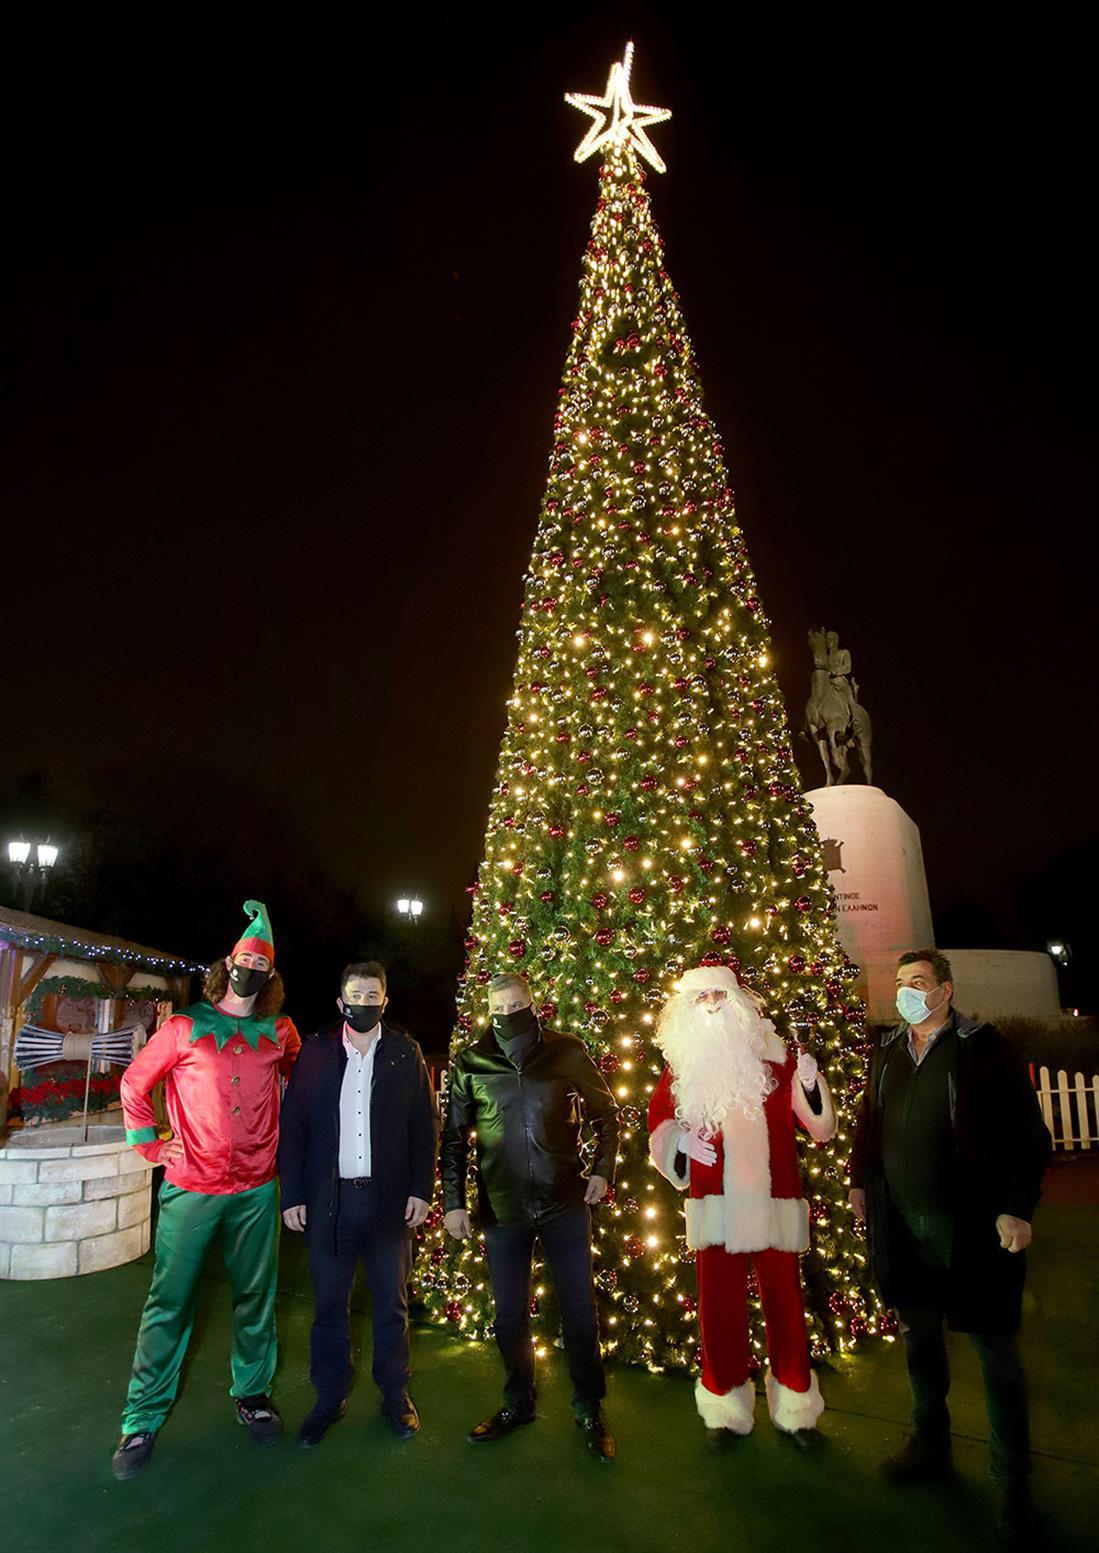 Φωταγώγηση - Πατούλης - χριστουγεννιάτικο δέντρο - Πεδίο του Άρεως